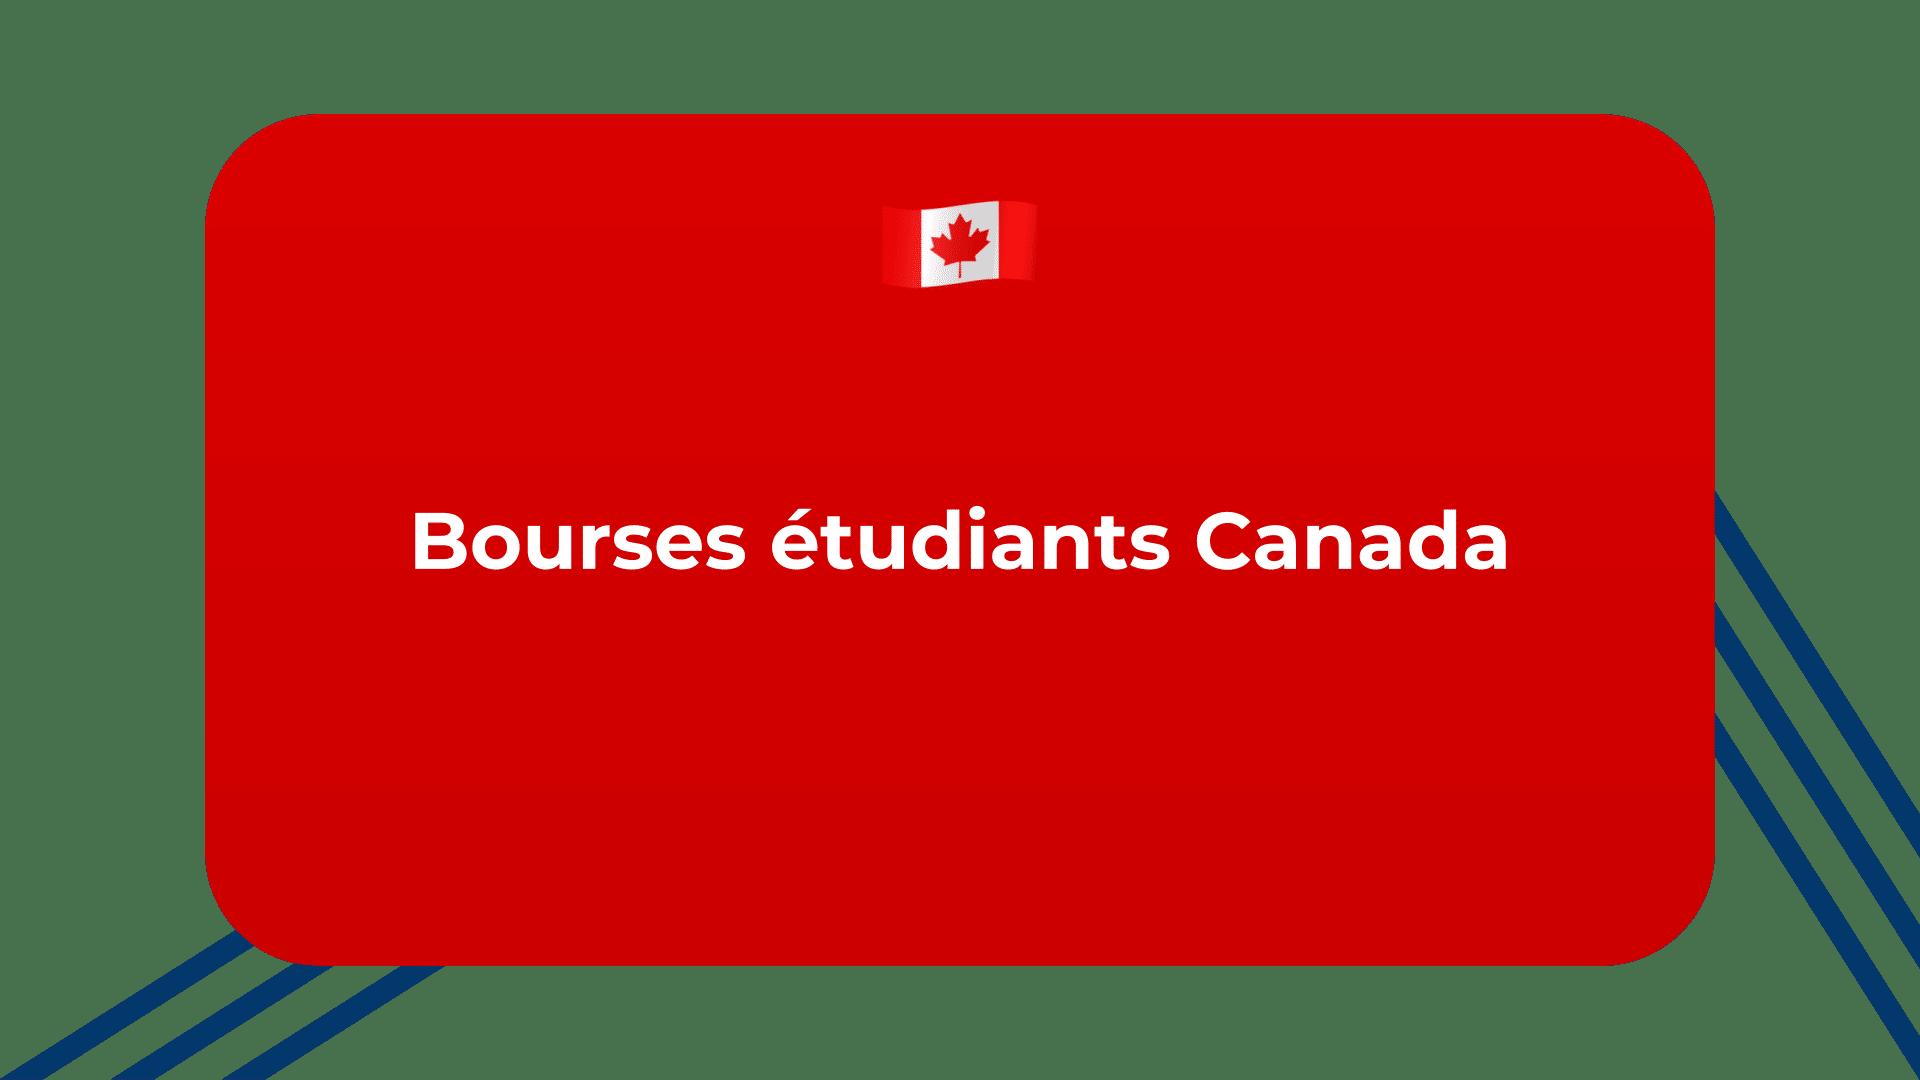 Bourses étudiants Canada